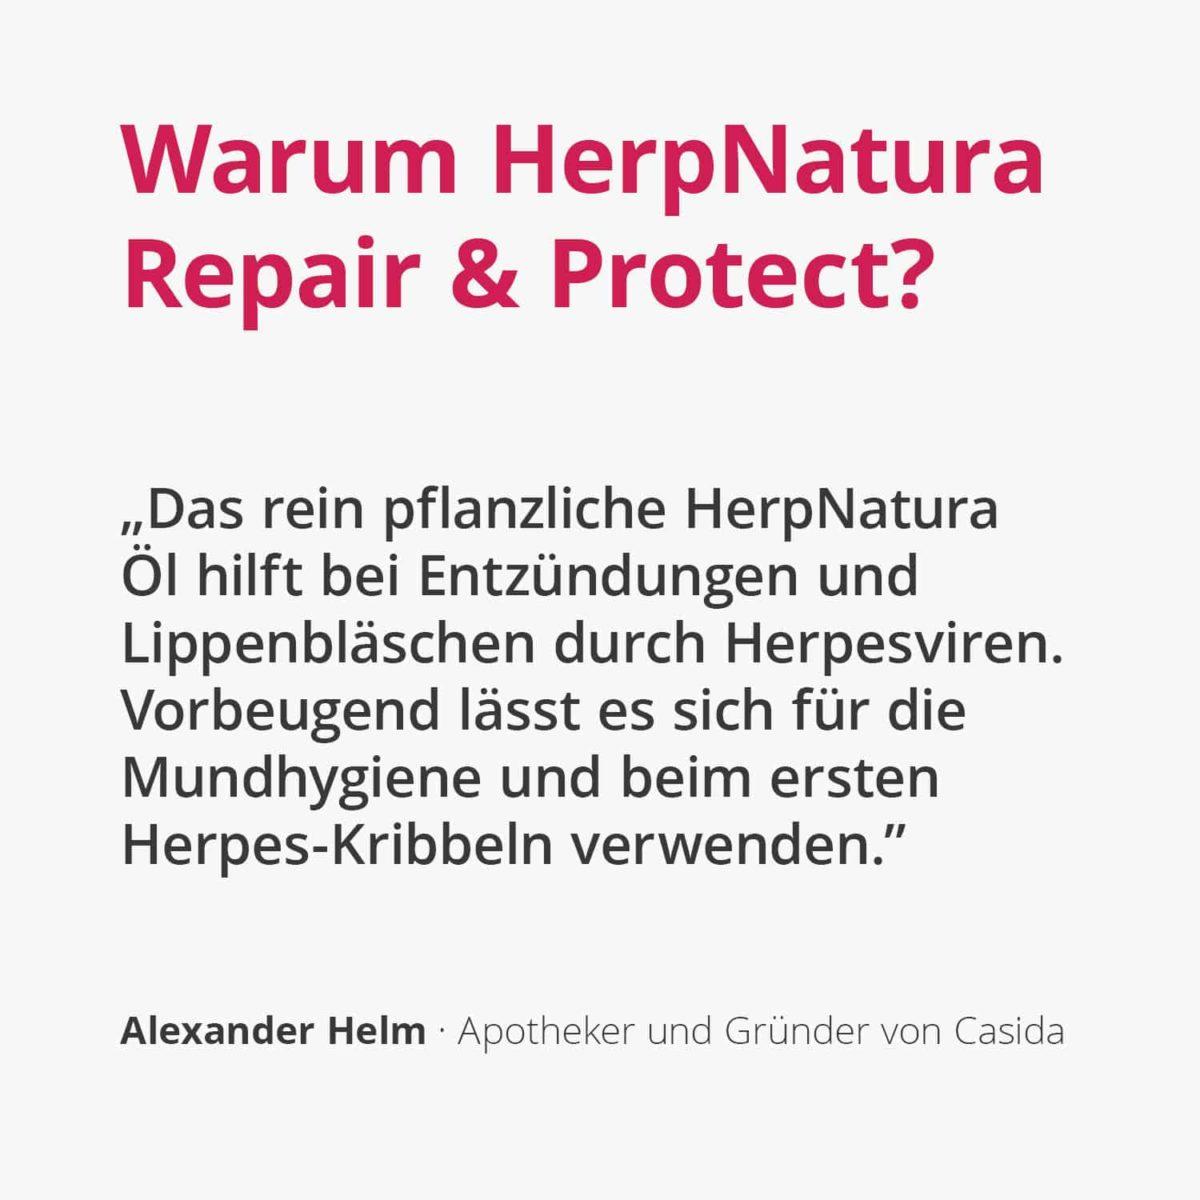 Casida HerpNatura Repair & Protect – 10 ml 10086698 PZN Apotheke Herpes Mundbläschen Lippenbläschen2